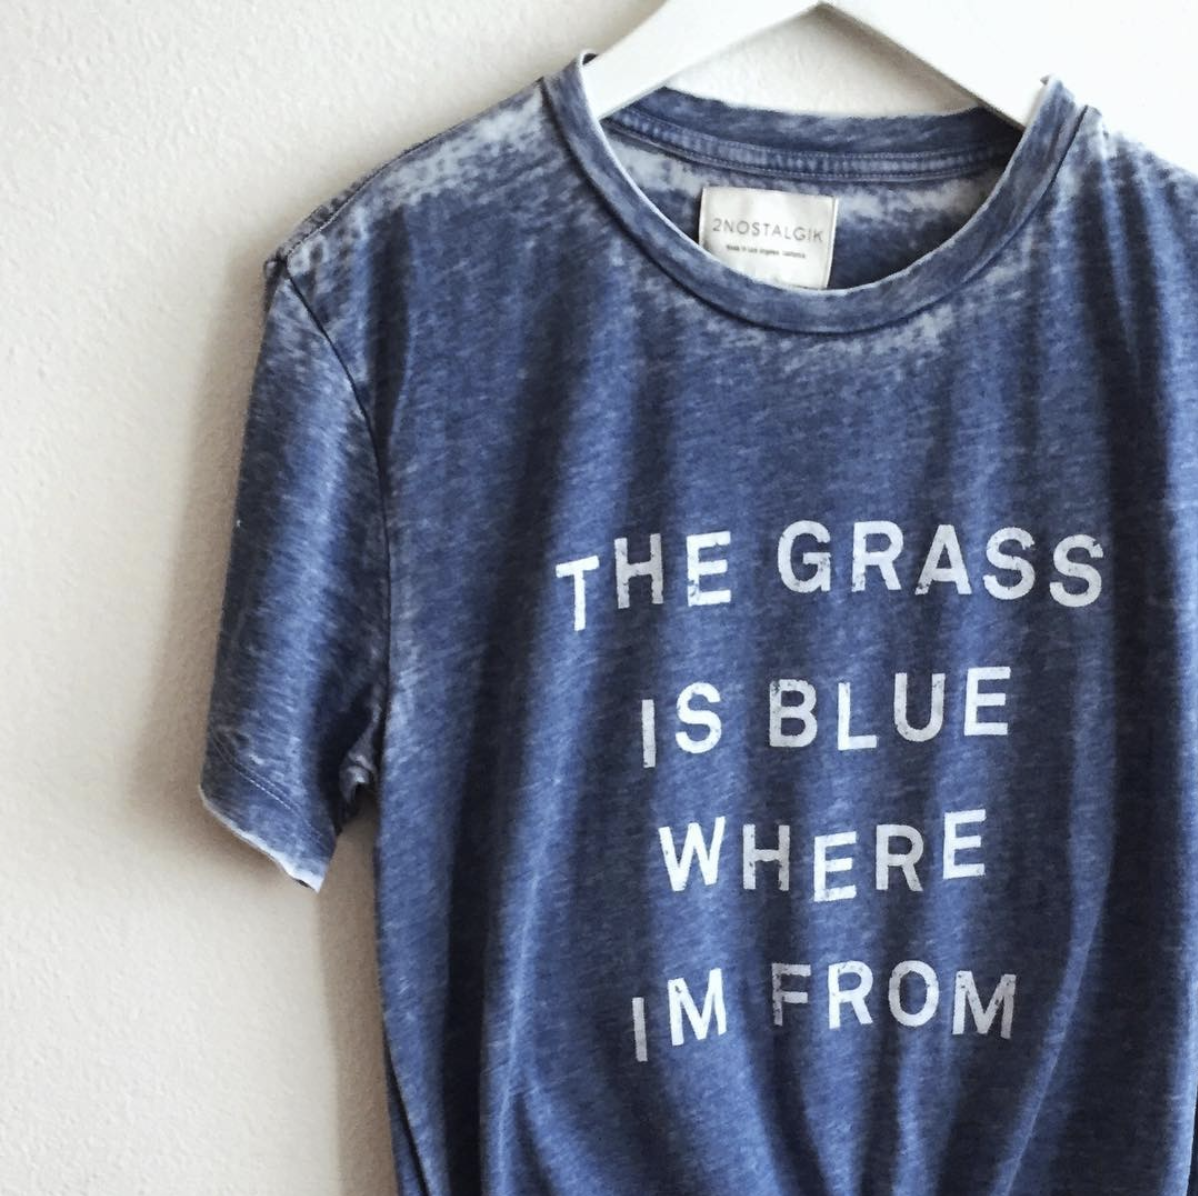 T-Shirt for 2nostalgik